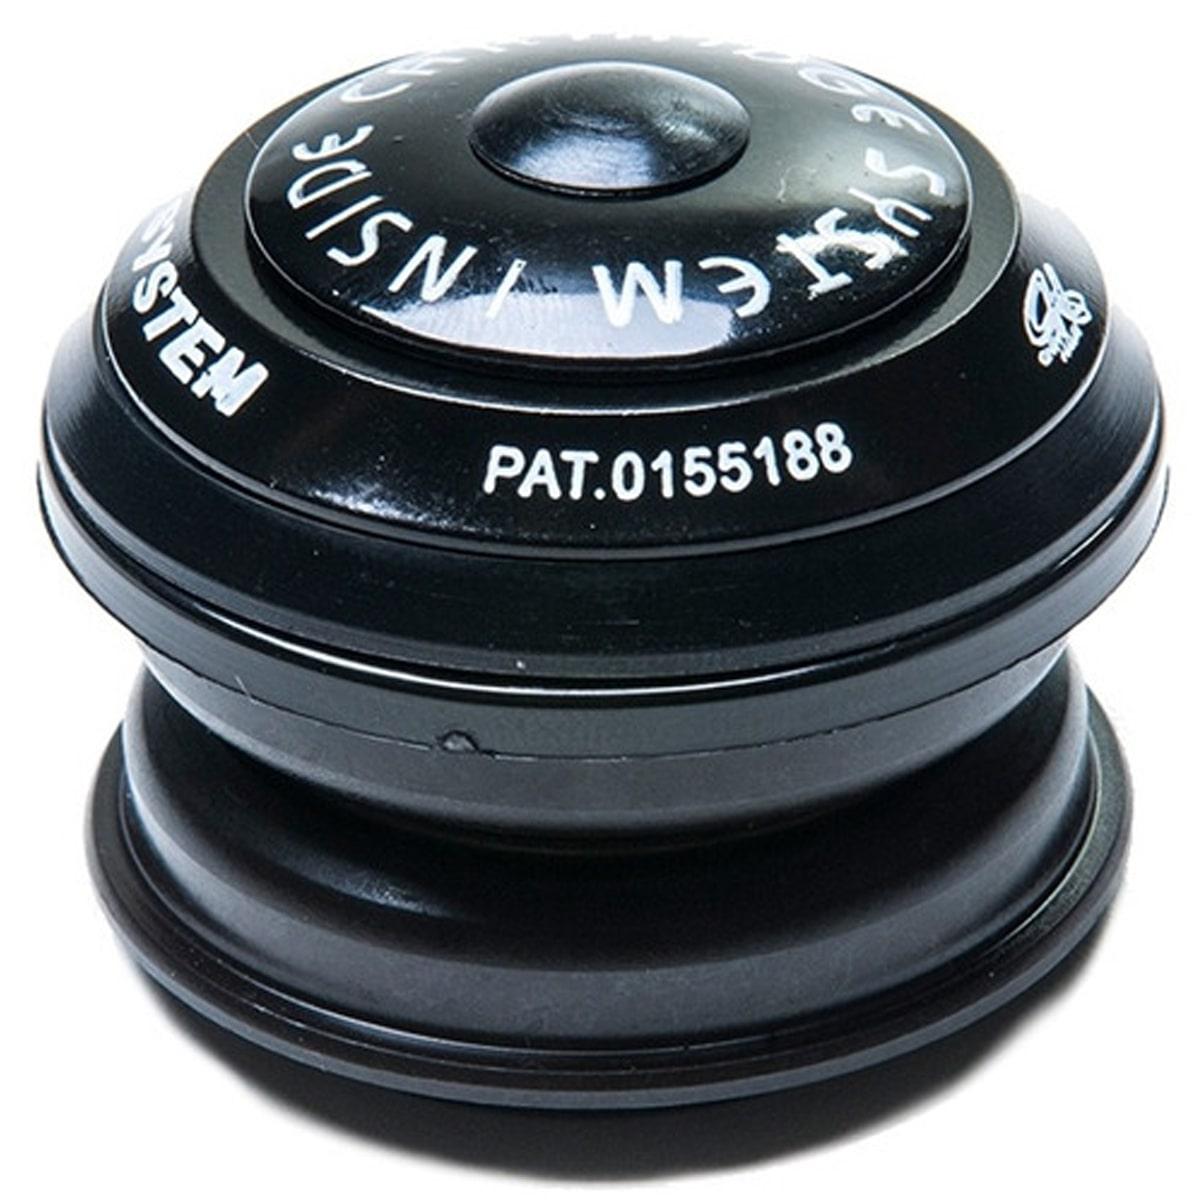 Caixa Direção Chin Haur Semi Integrada ZS CH919 44mm 1.1/8 28.6mm Ahead Set